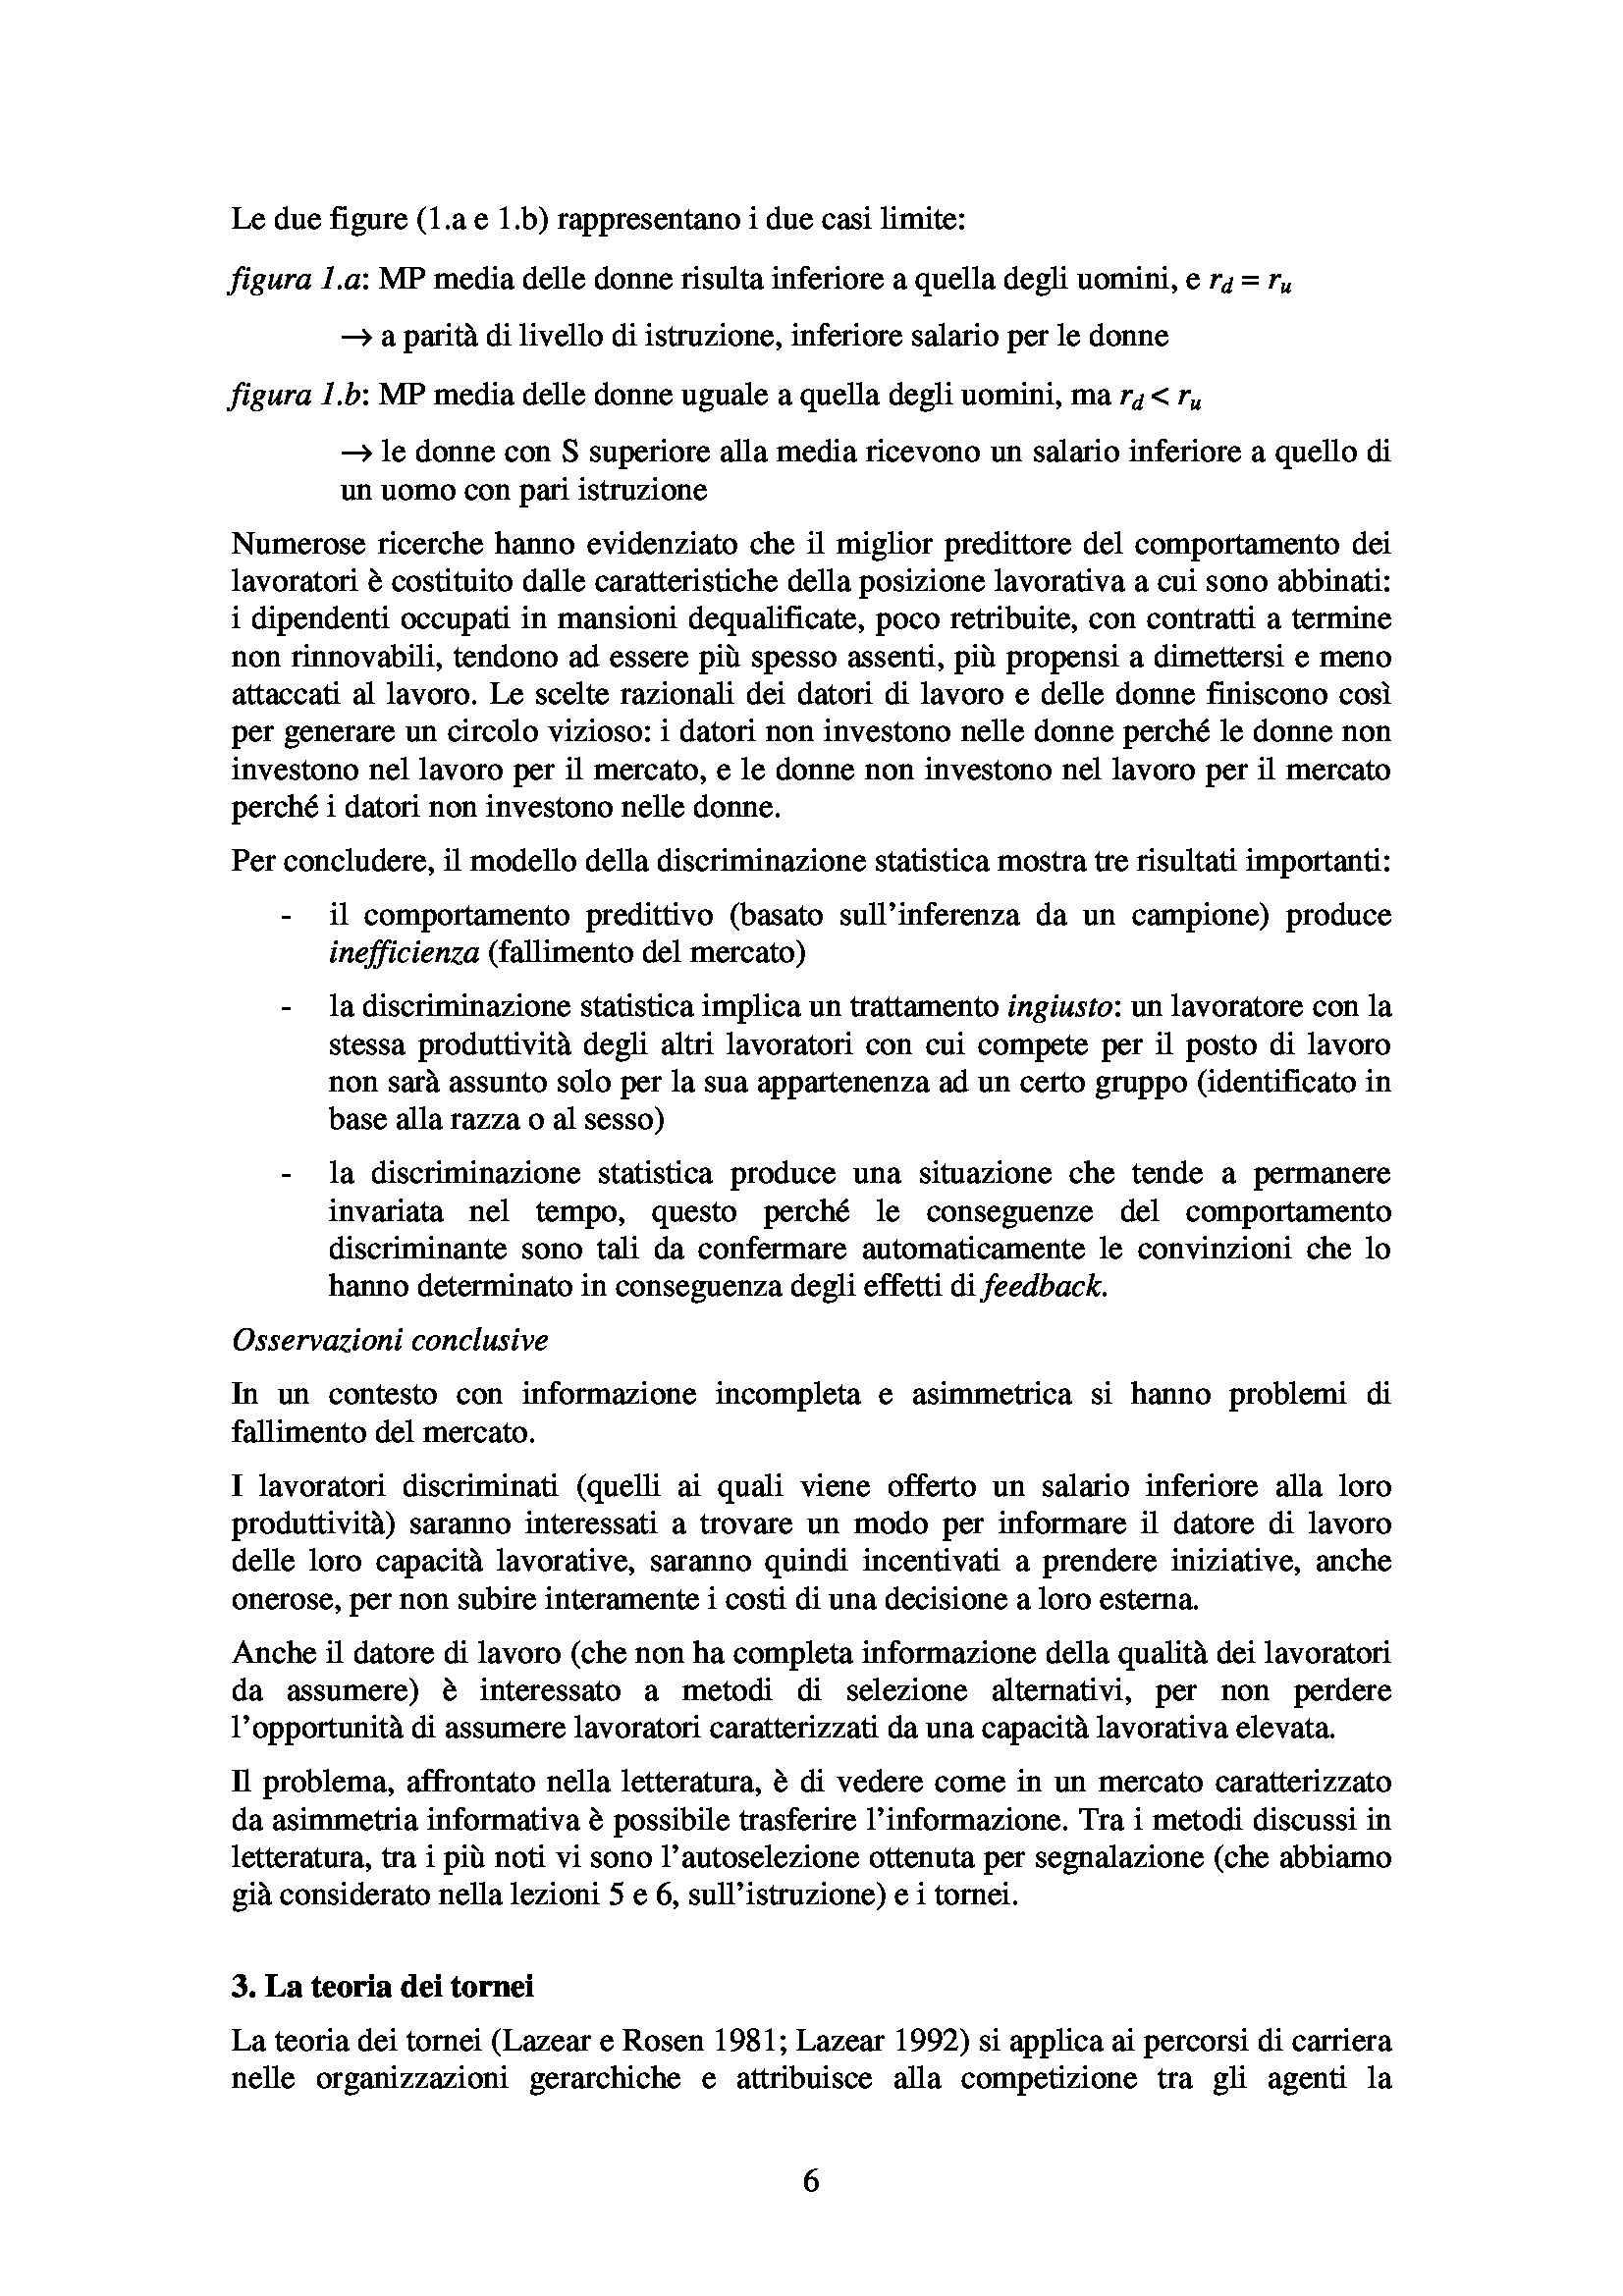 Economia del lavoro - discriminazione e tornei Pag. 6